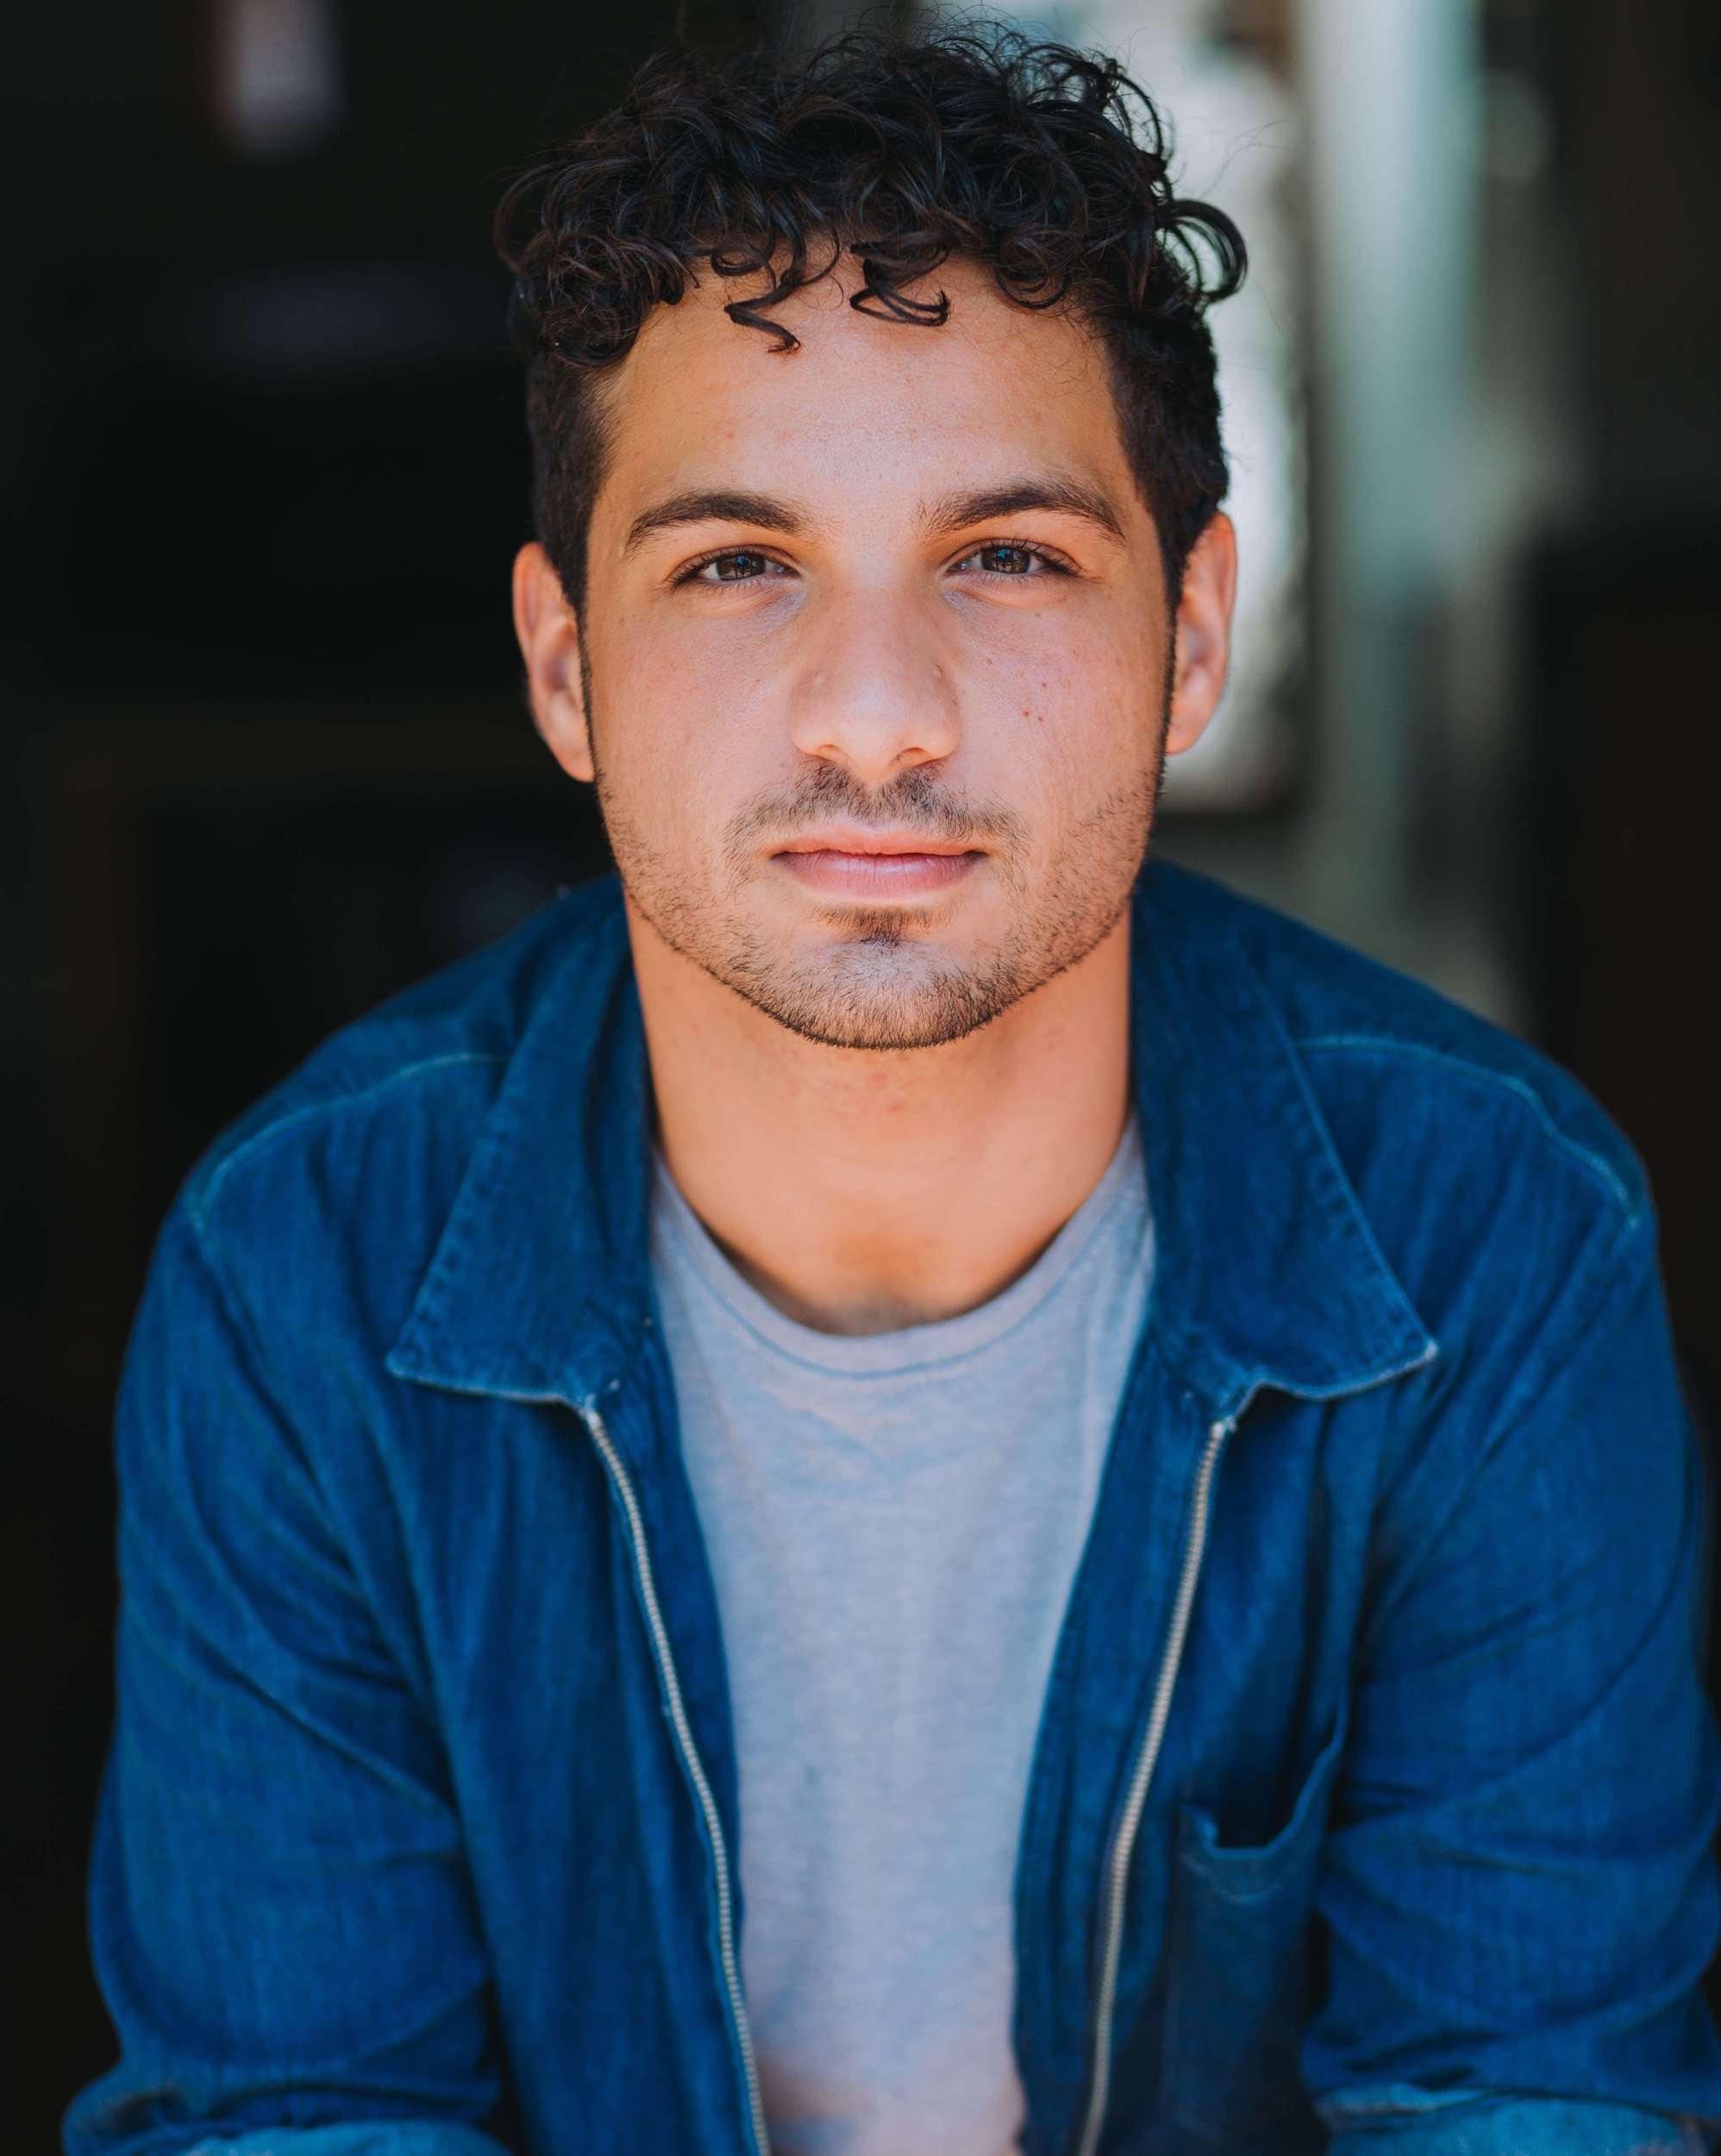 Anthony Severino